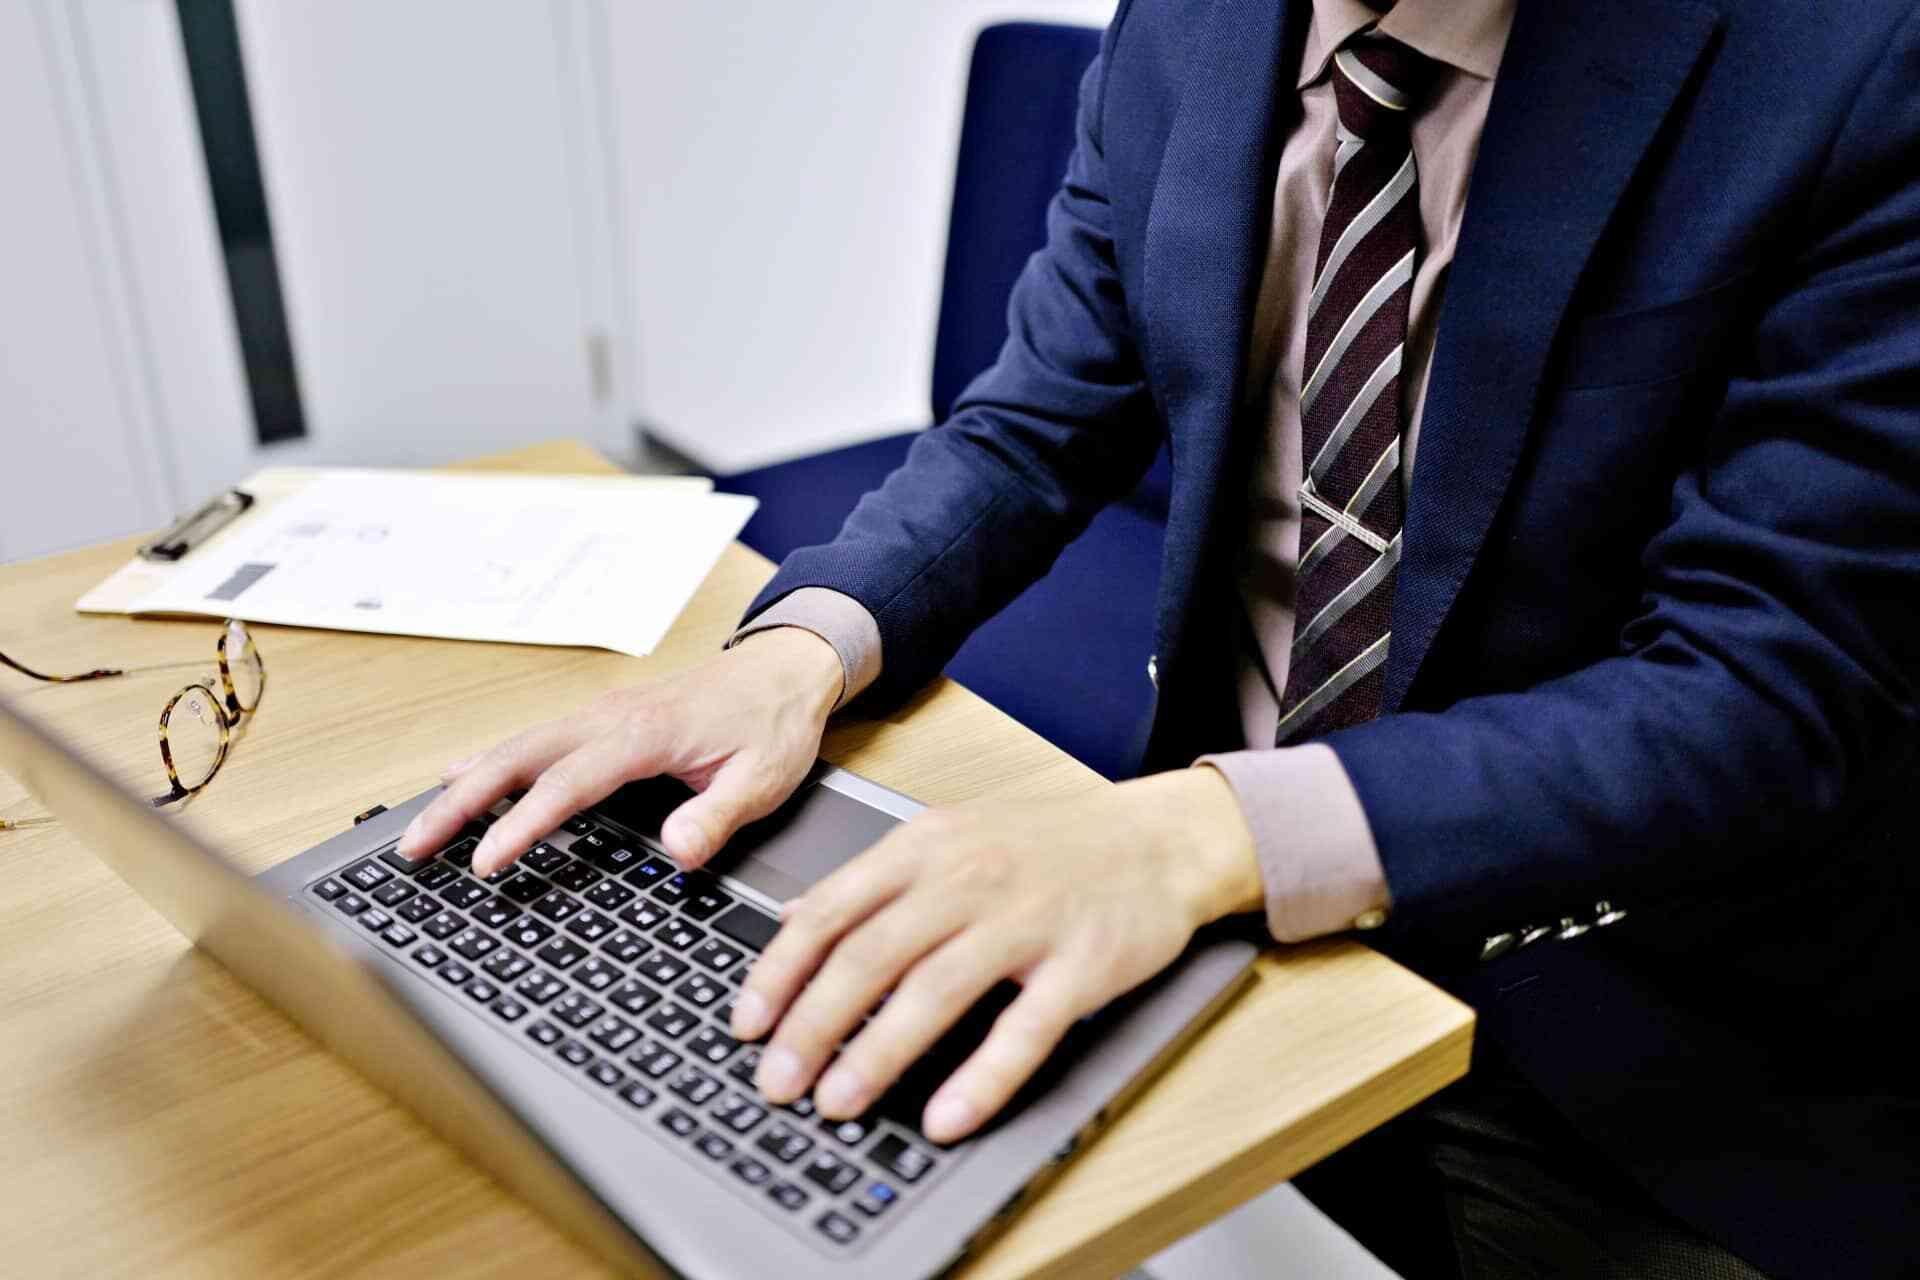 CUBIC適性検査の内容と対策方法